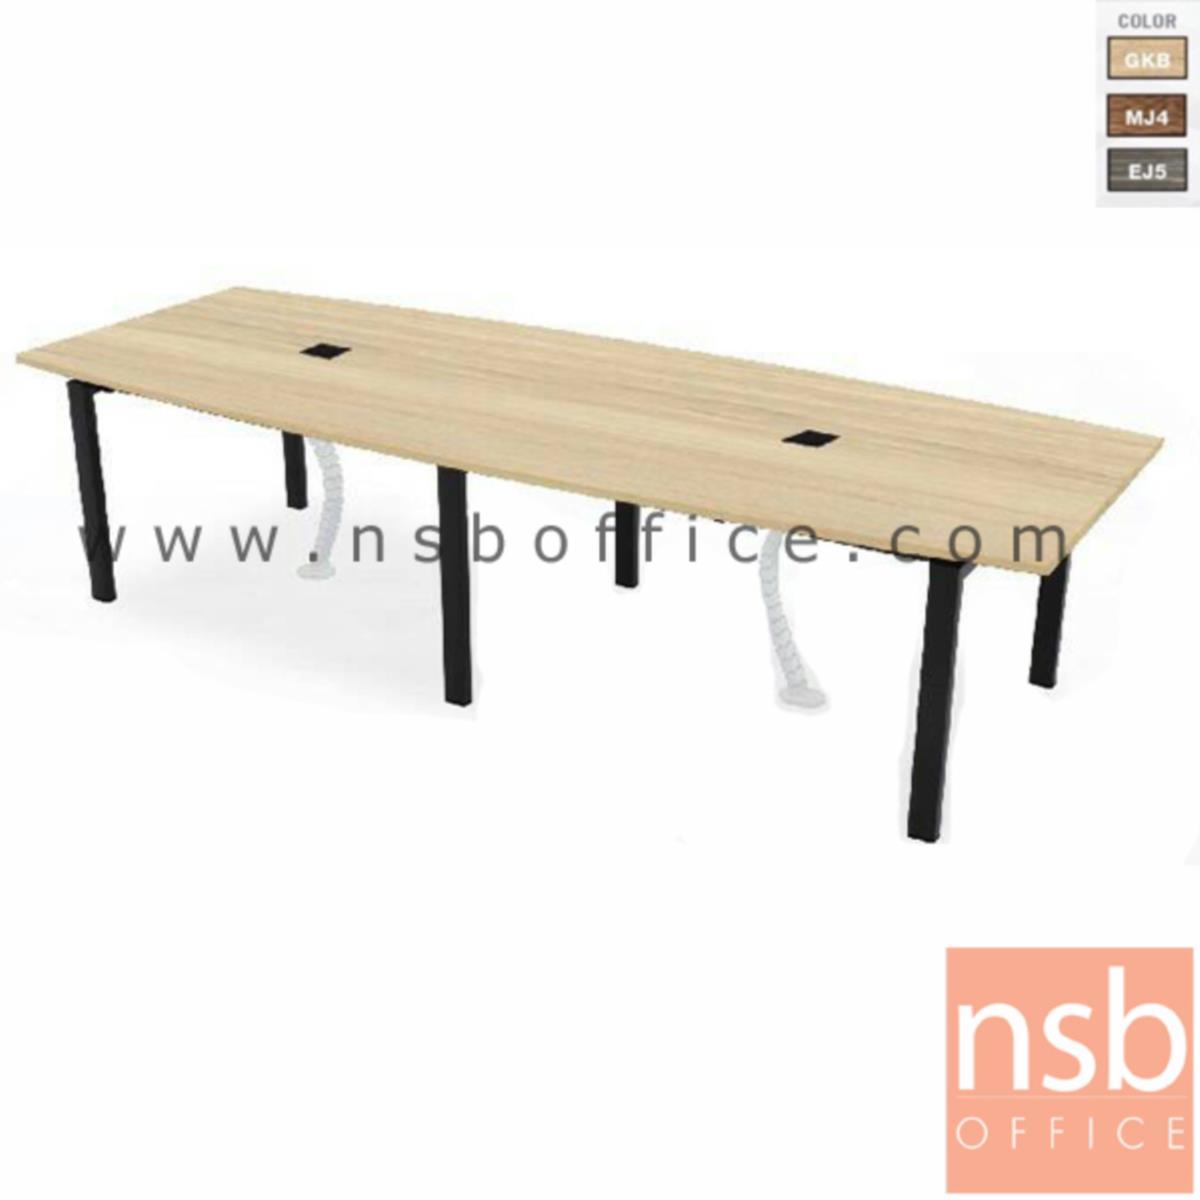 A05A151:โต๊ะประชุมทรงเรือ   ขนาด 320W cm.  พร้อมป๊อบอัพ